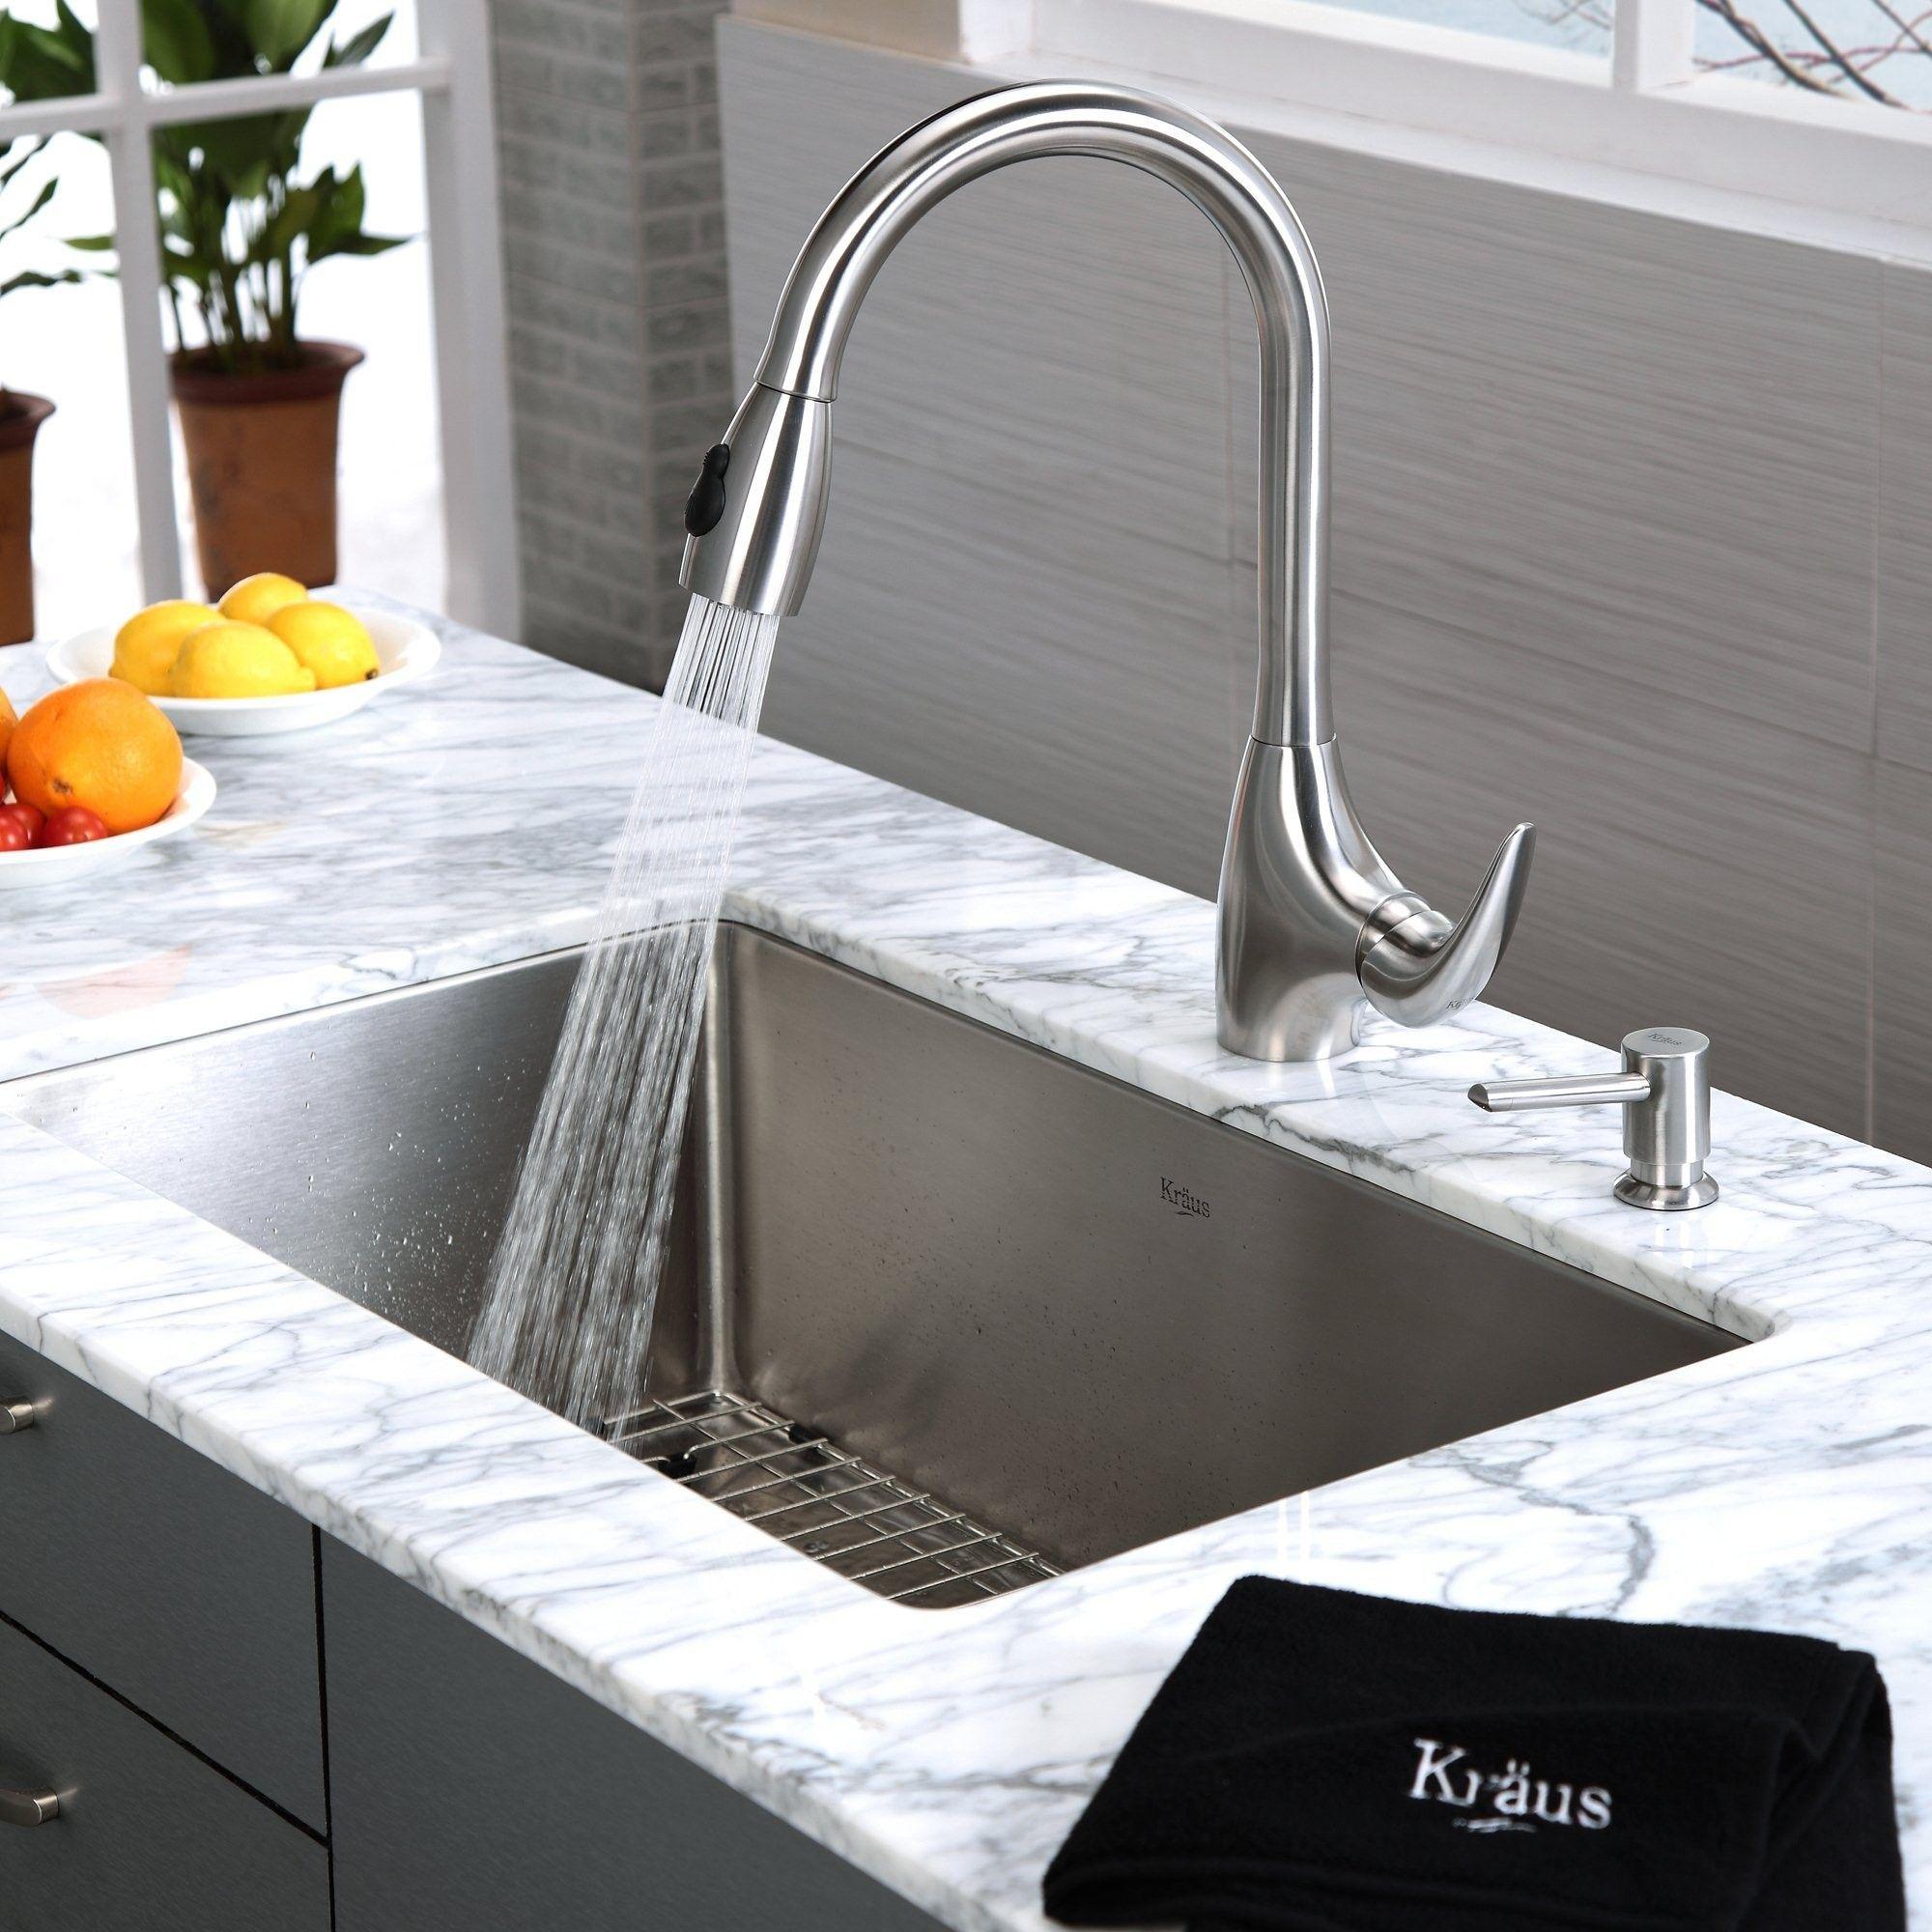 Freshancient 36 Inch Kitchen Sink Base Cabinet Keran Dapur Wastafel